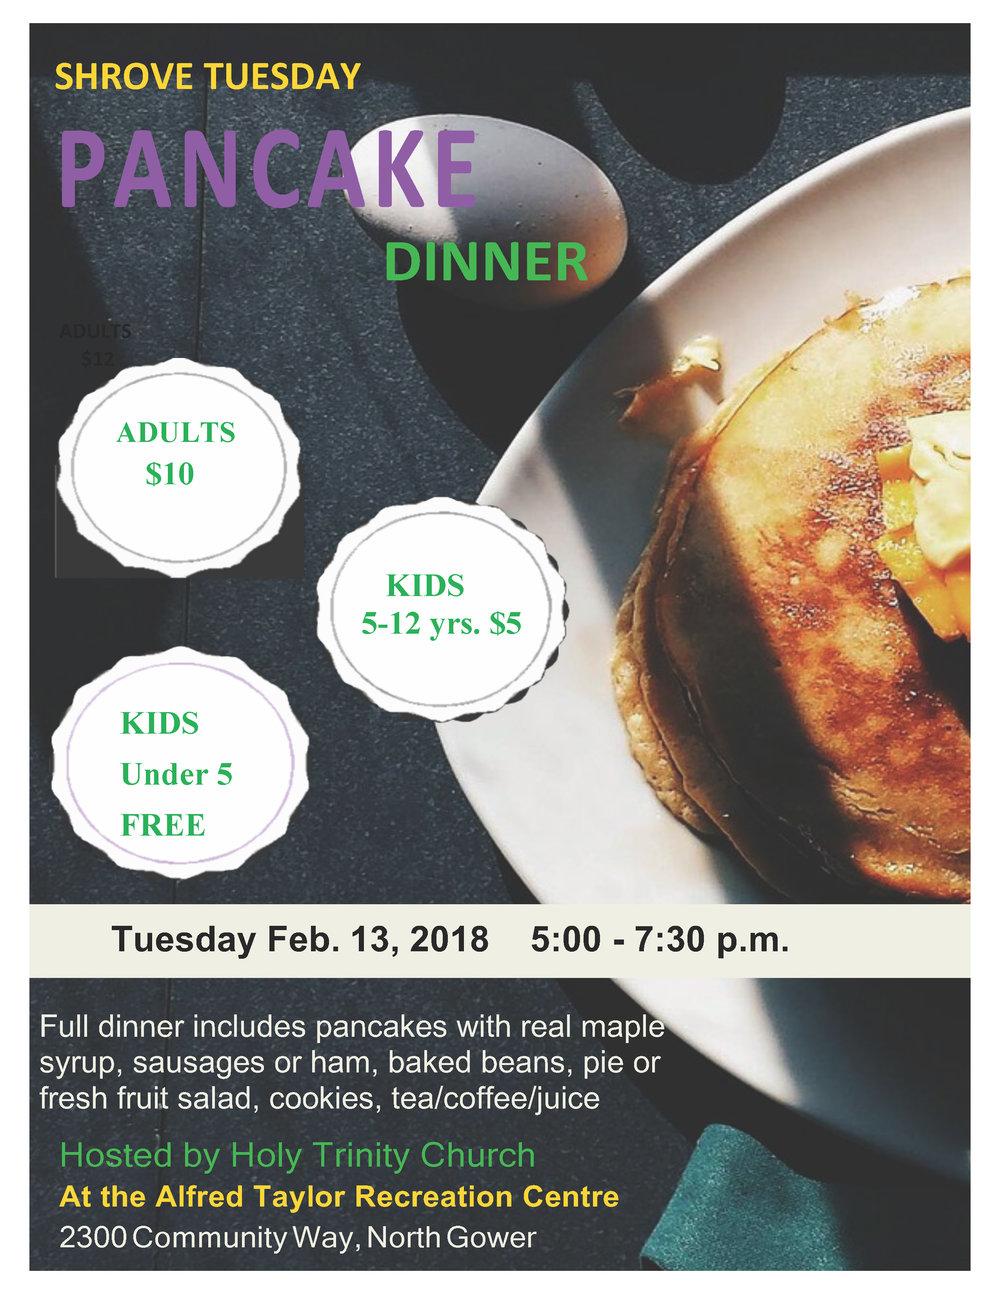 2018 Pancake Dinner Poster.jpg